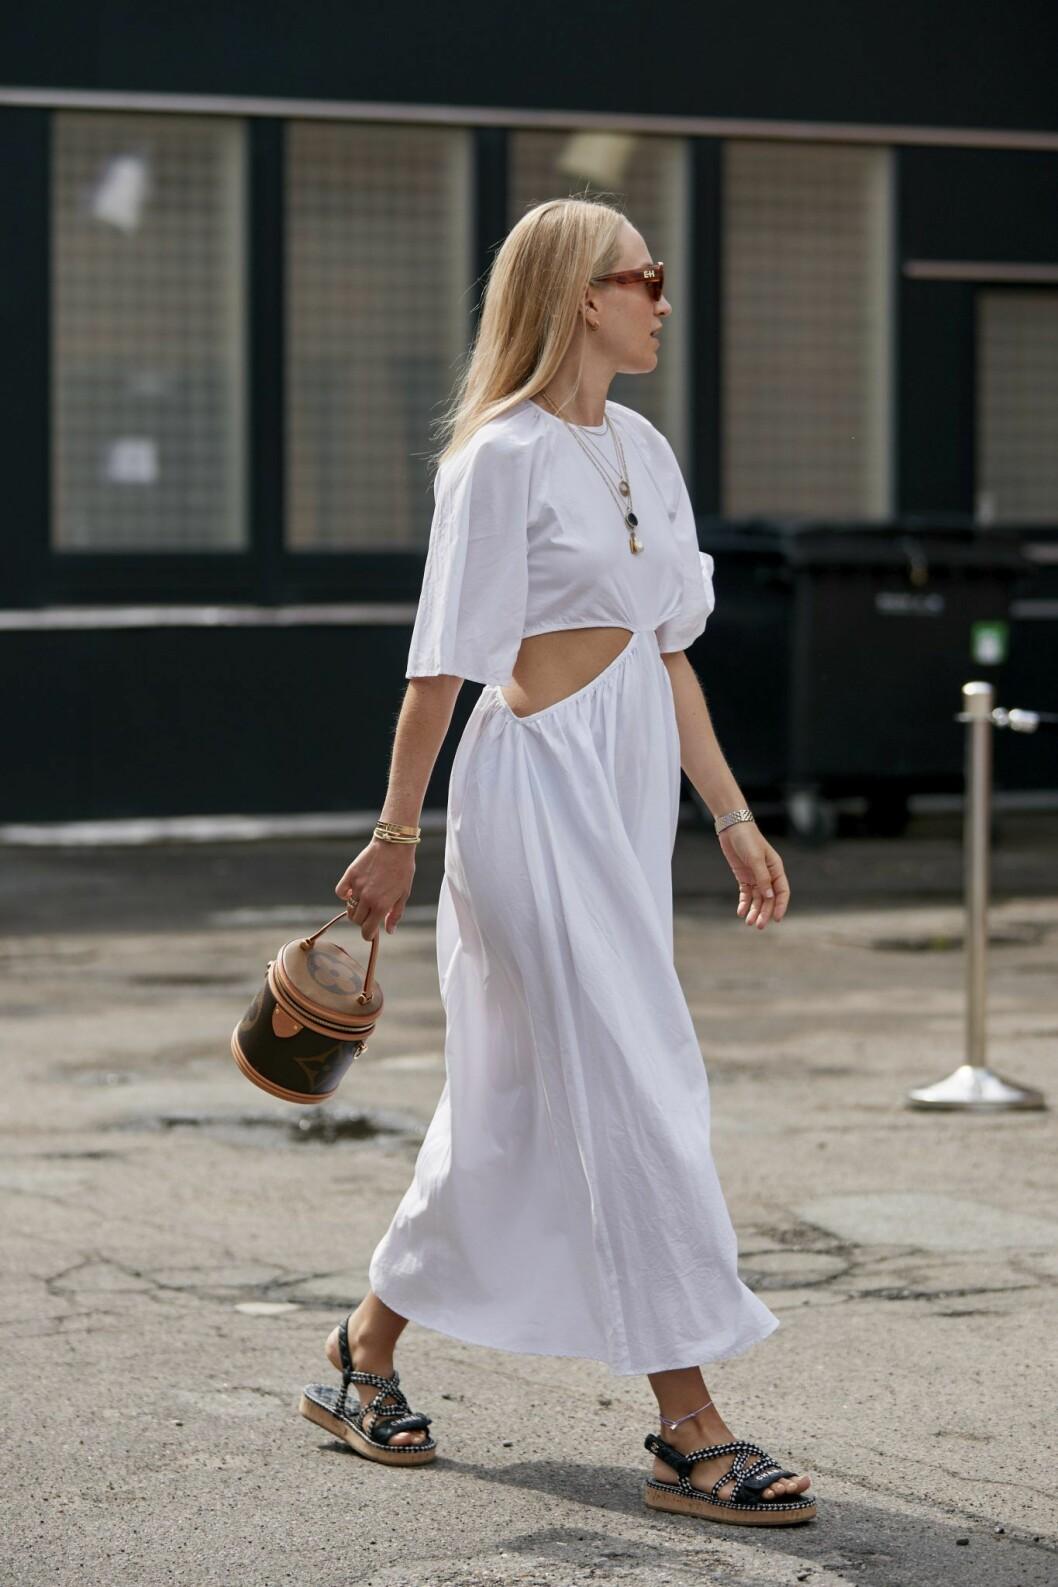 Streetstyle! Vit långklänning.